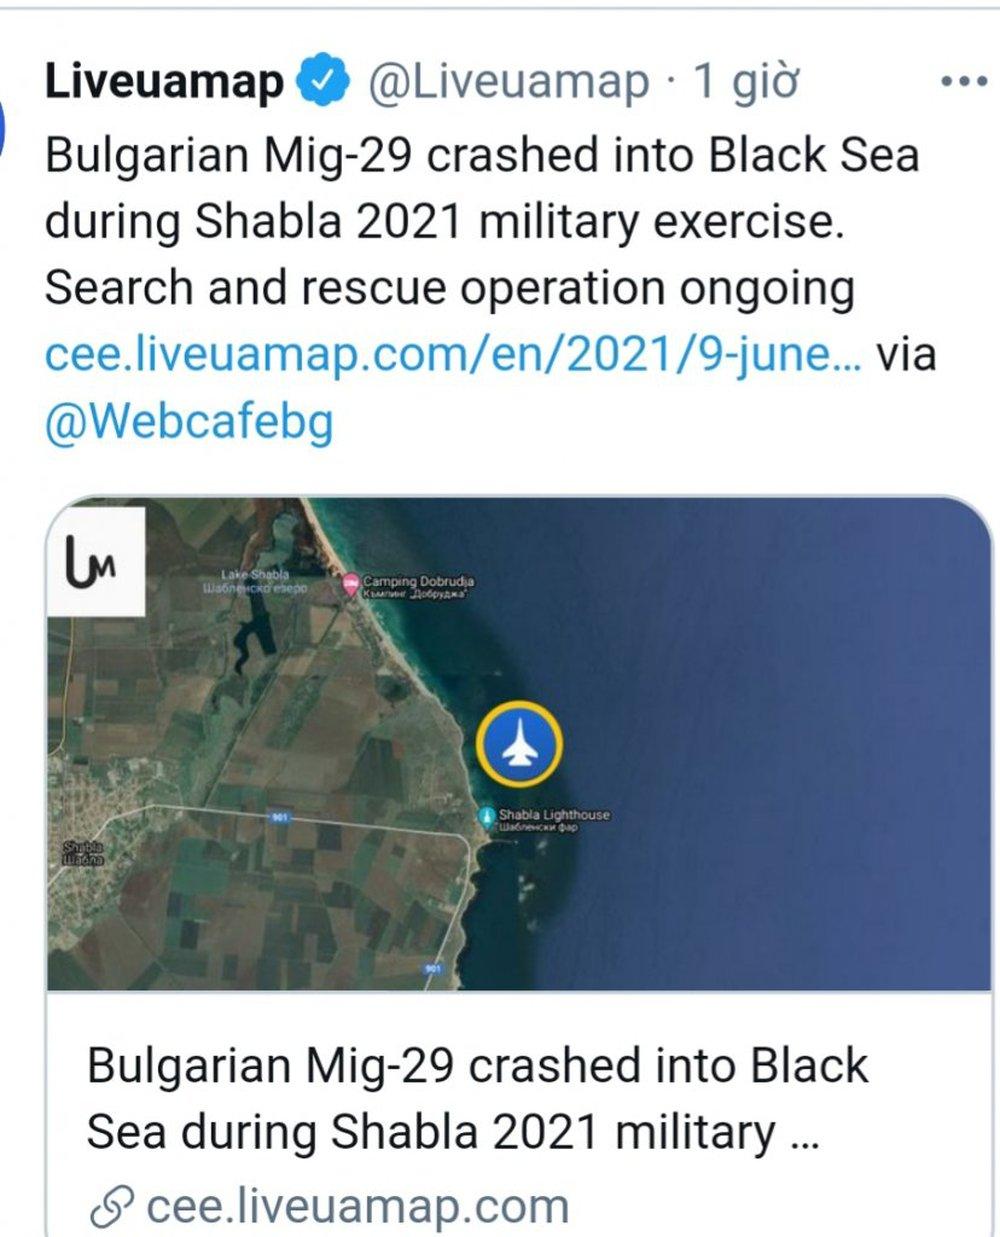 NÓNG: Thông tin cập nhật mới nhất về tiêm kích MiG-29 đột ngột mất tích trong cuộc tập trận Mỹ và Bulgaria - Ảnh 3.